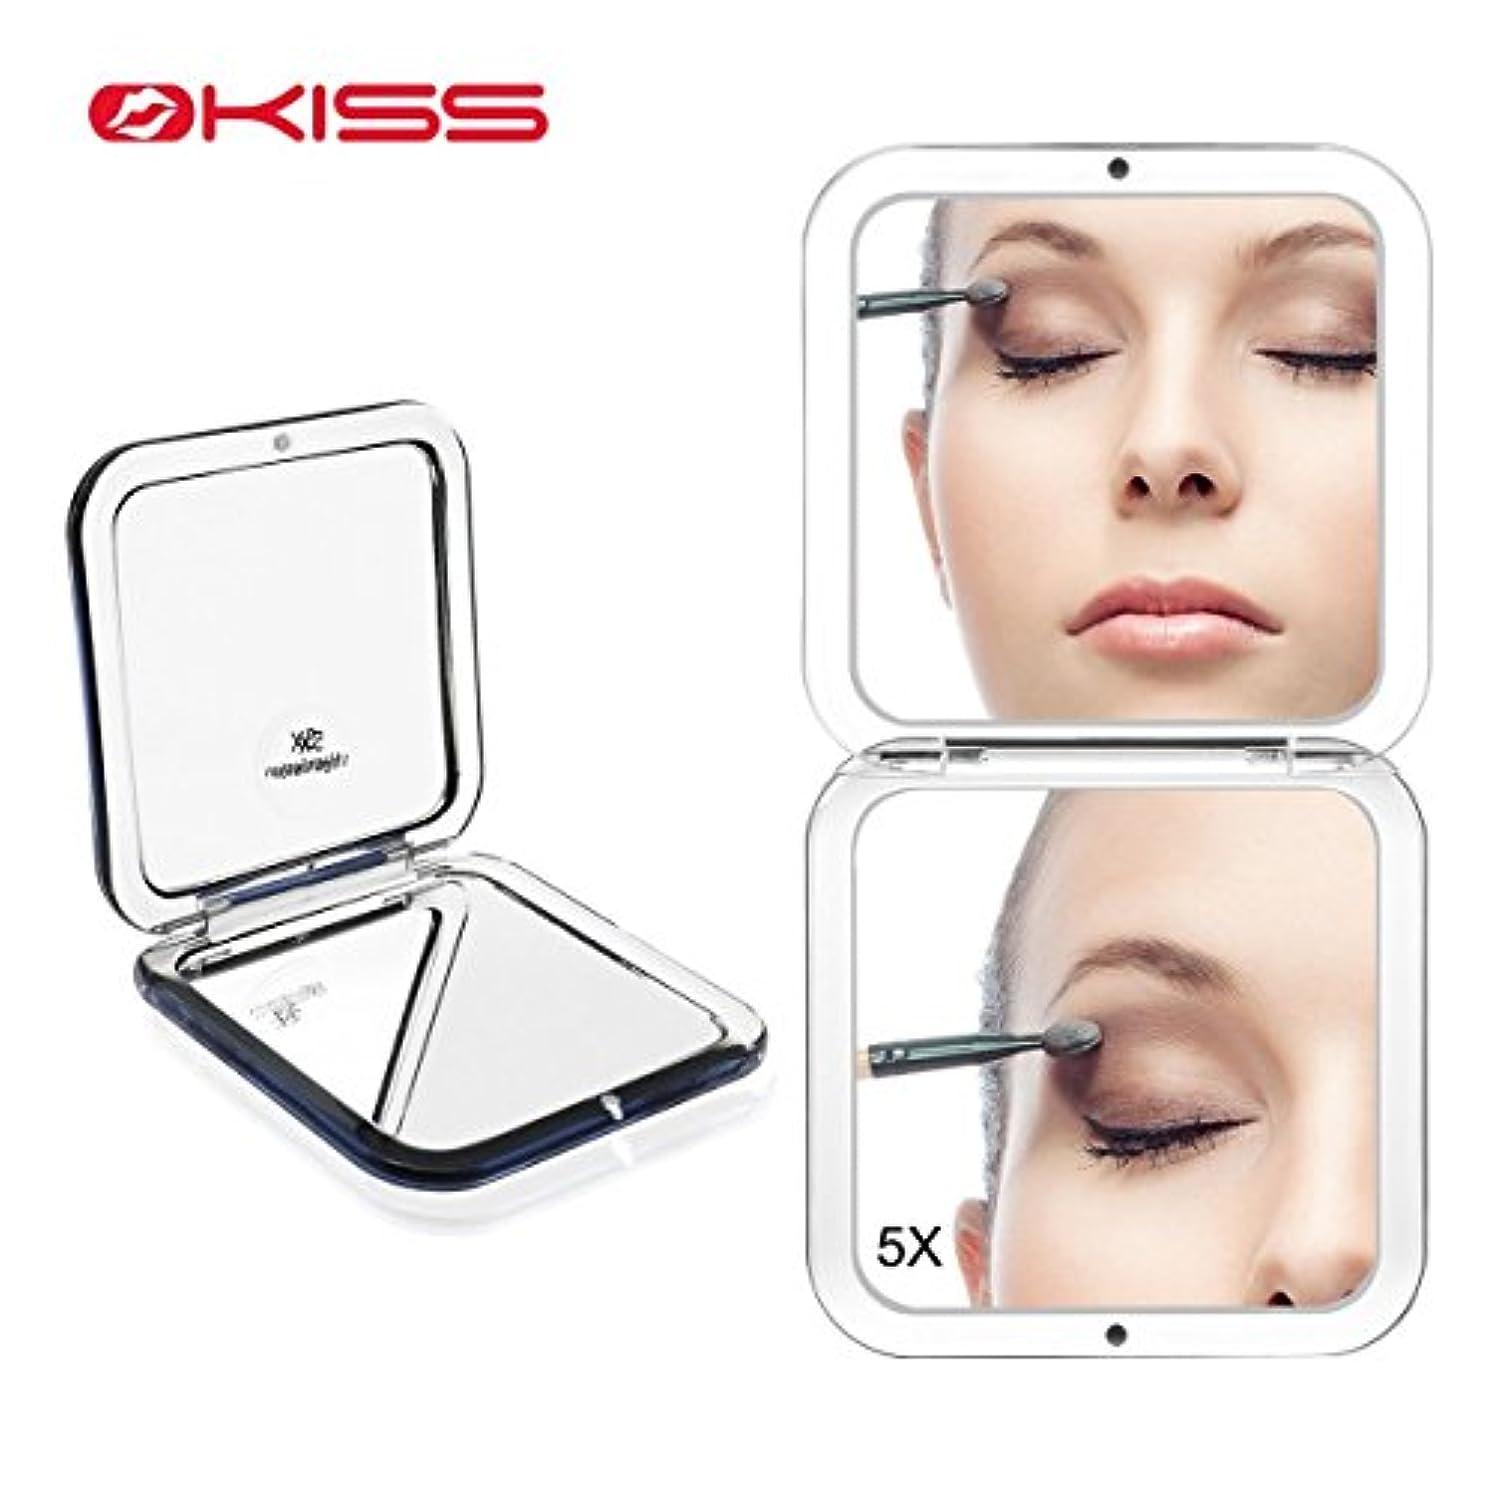 応援する必要としている保存OKISS ハンドミラー 手鏡 メンズ コンパクトミラー 化粧鏡 ミラー 5倍拡大鏡+等倍鏡 両面 メンズ 携帯ミラー 折りたたみ おしゃれ 外出 持ち運び便利